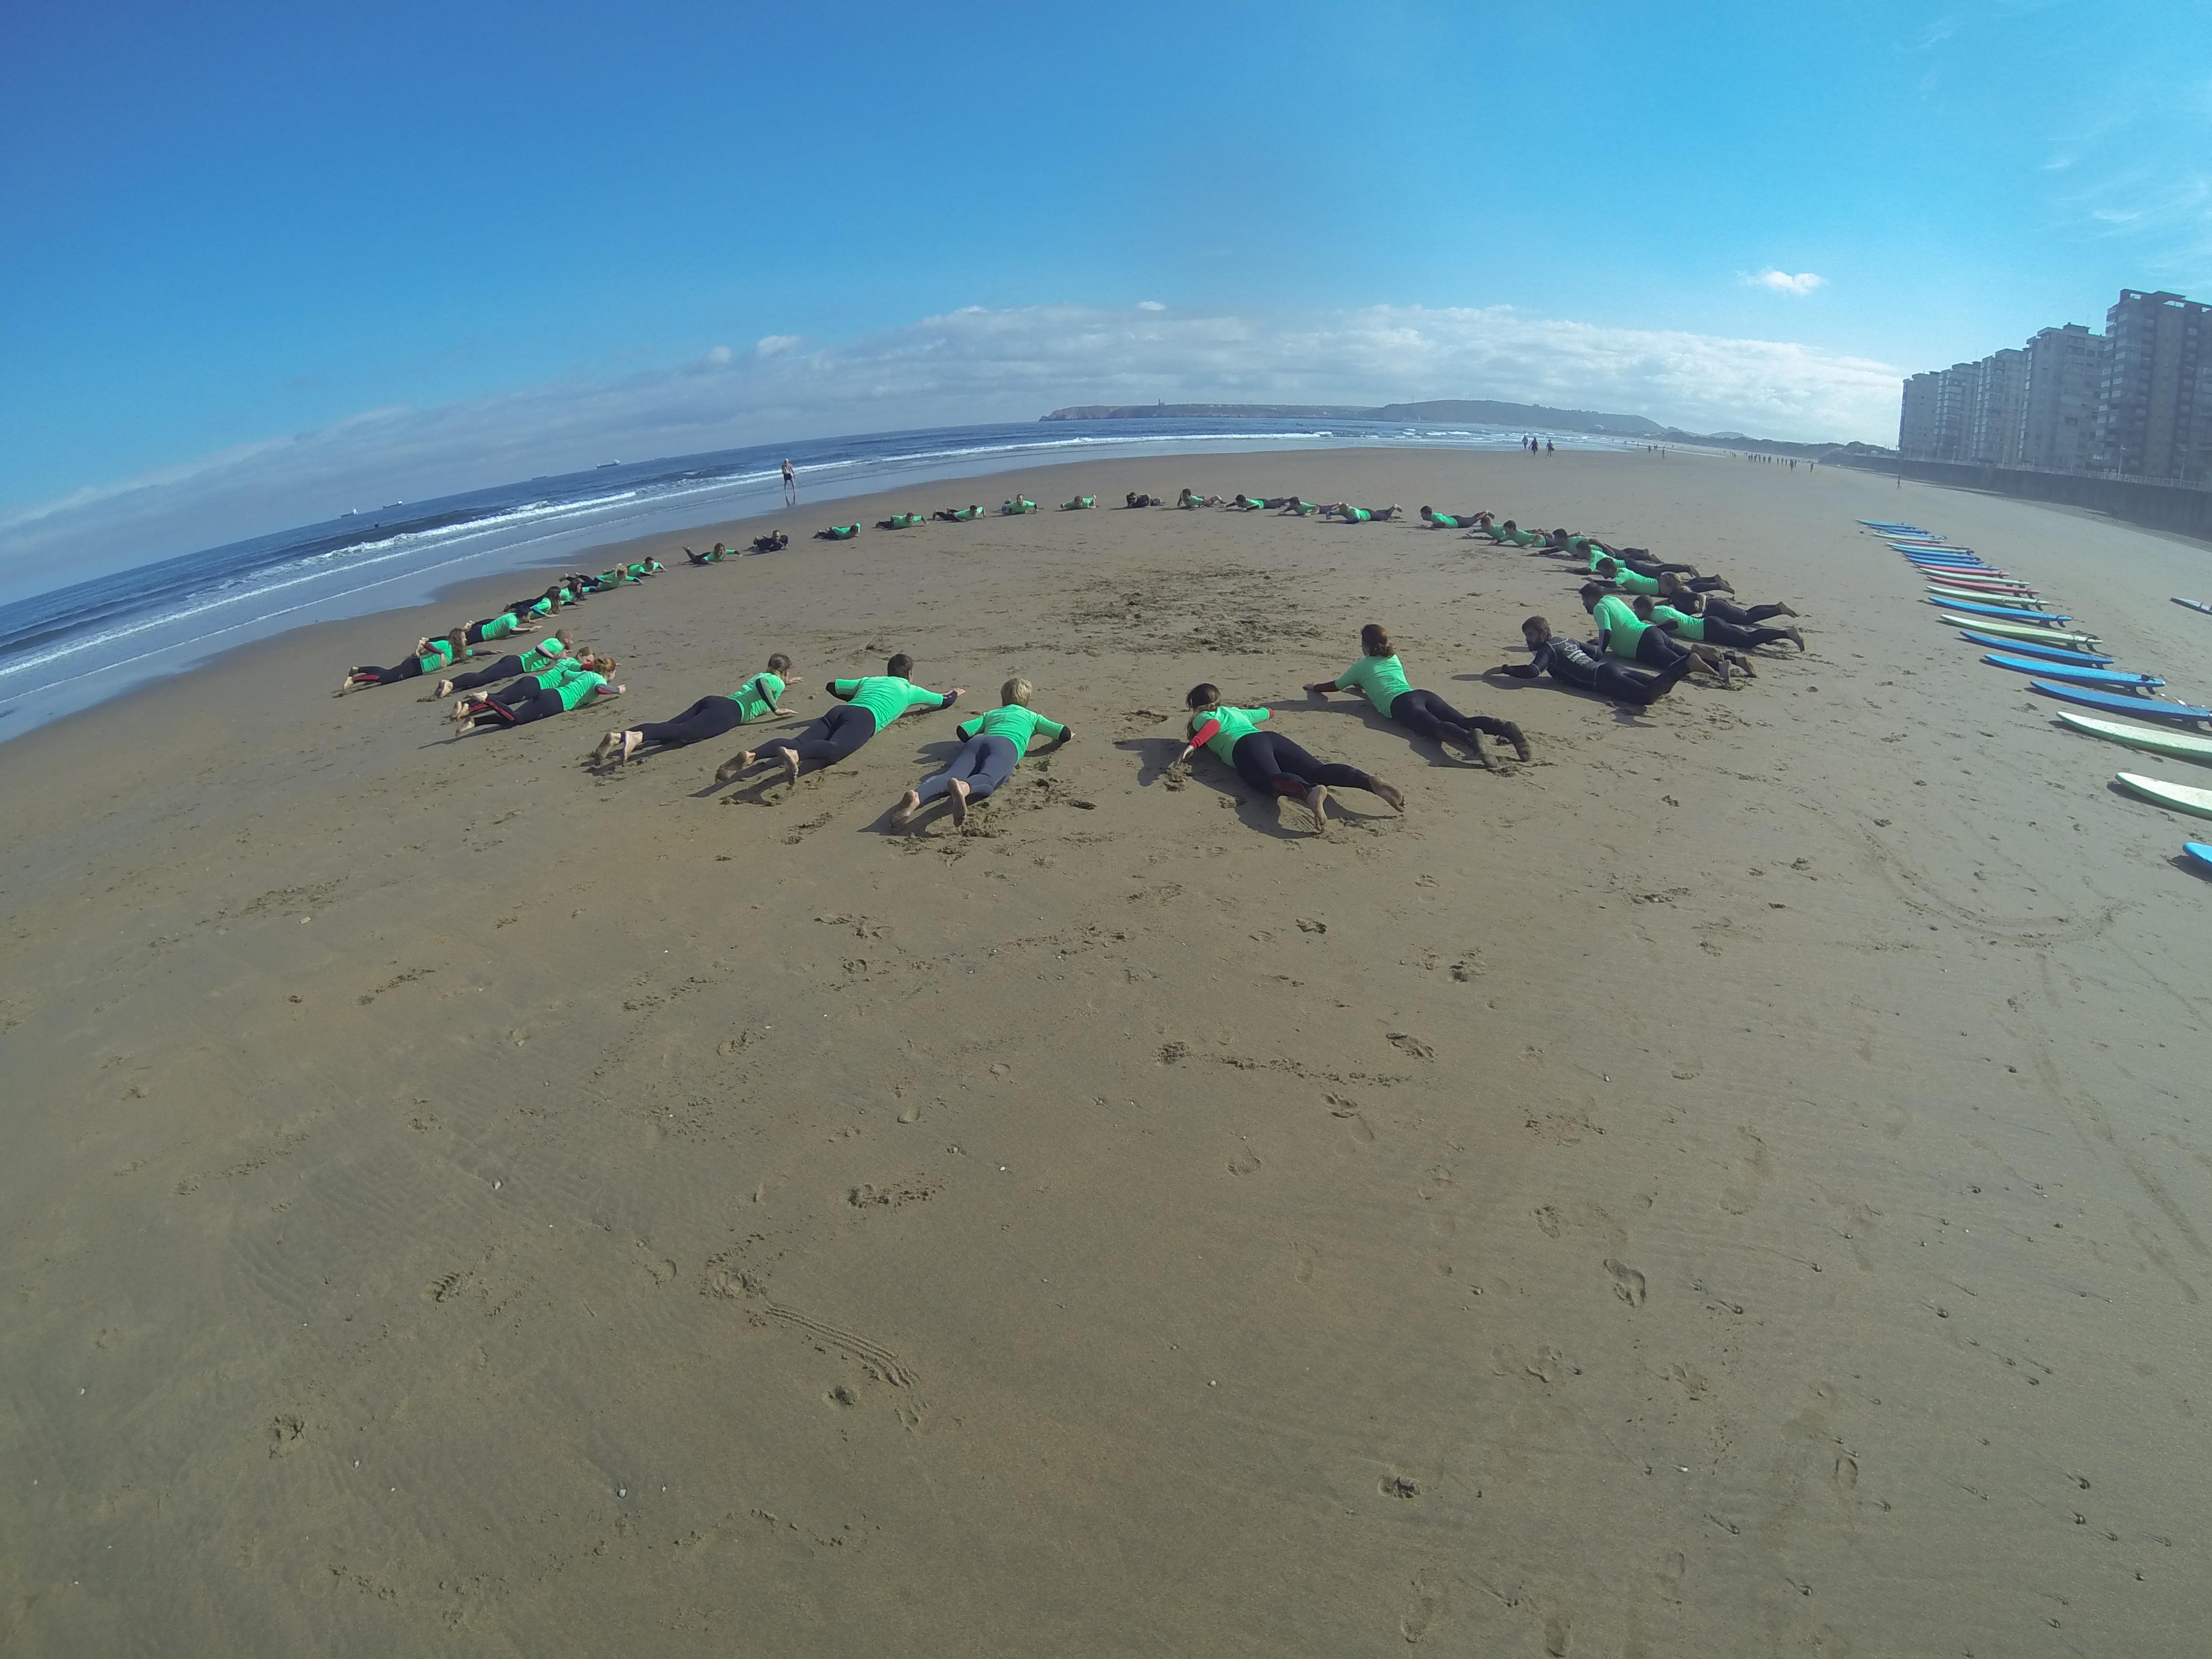 Escuela de surf camp longbeach 13.JPG